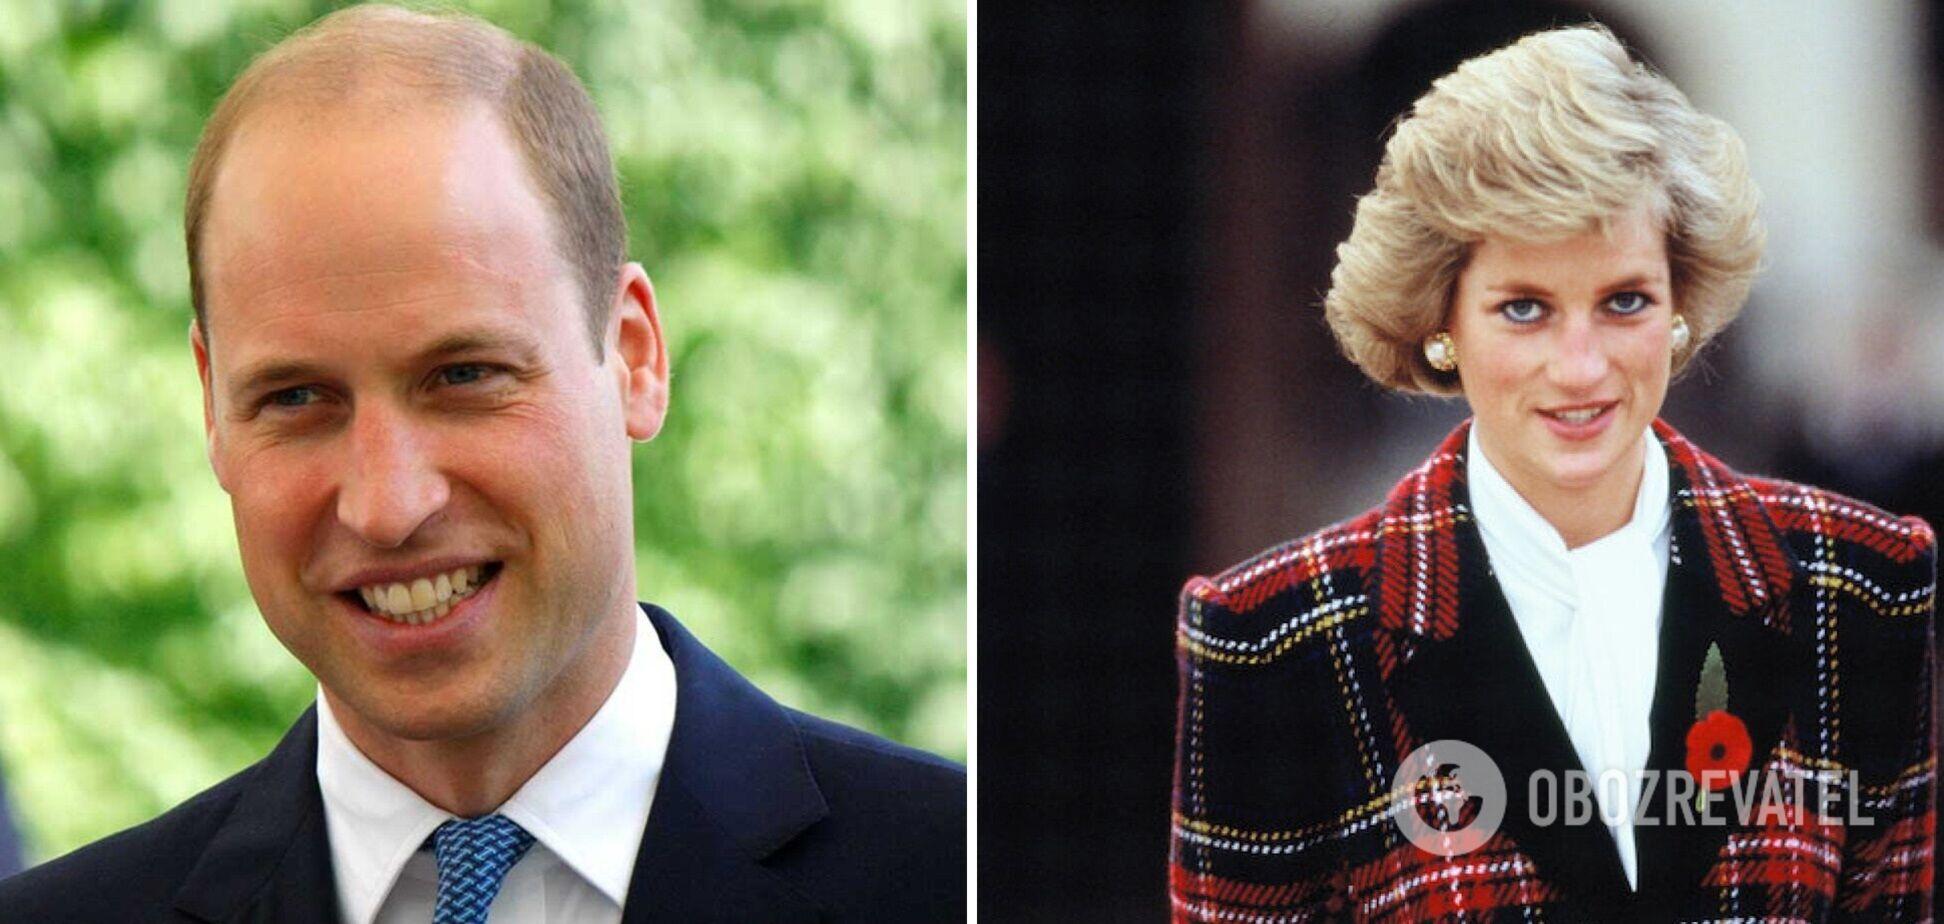 Що принц Вільям успадкував від принцеси Діани: названо дві особливості